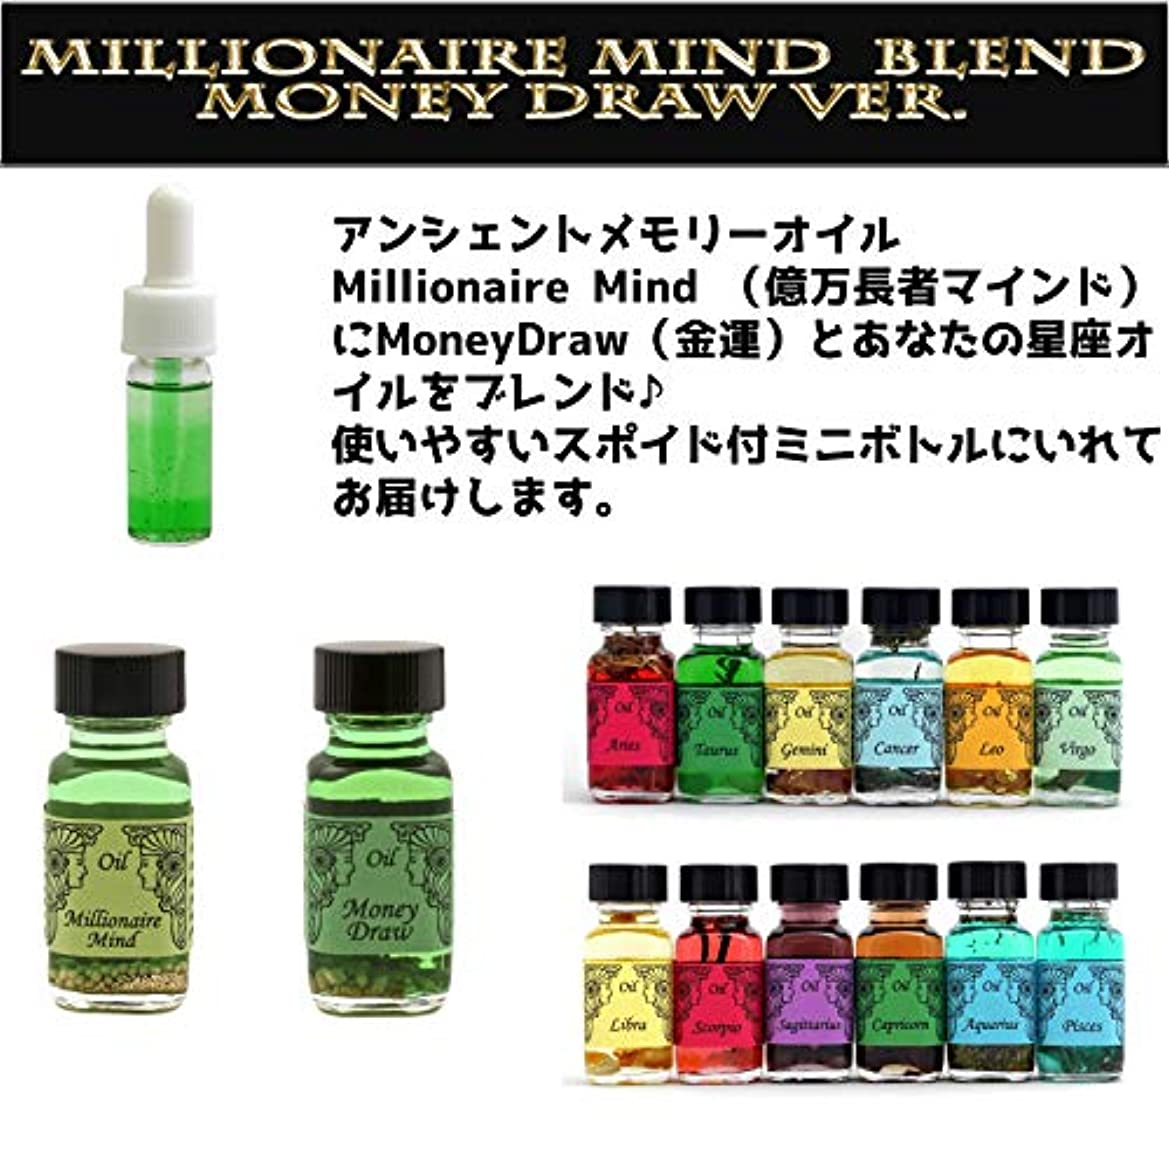 戦う机ウェイドアンシェントメモリーオイル Millionaire Mind 億万長者マインド ブレンド(Money Drawマネードロー(金運)&かに座